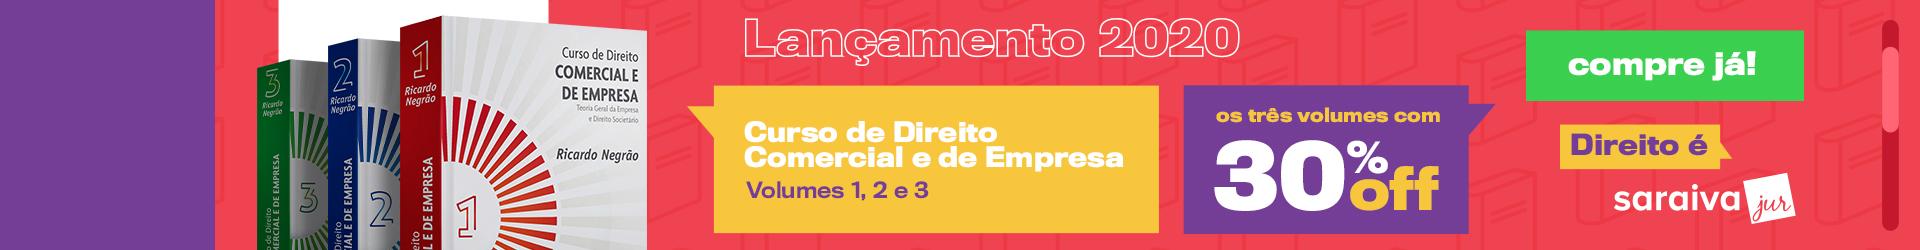 comercialempresa2020